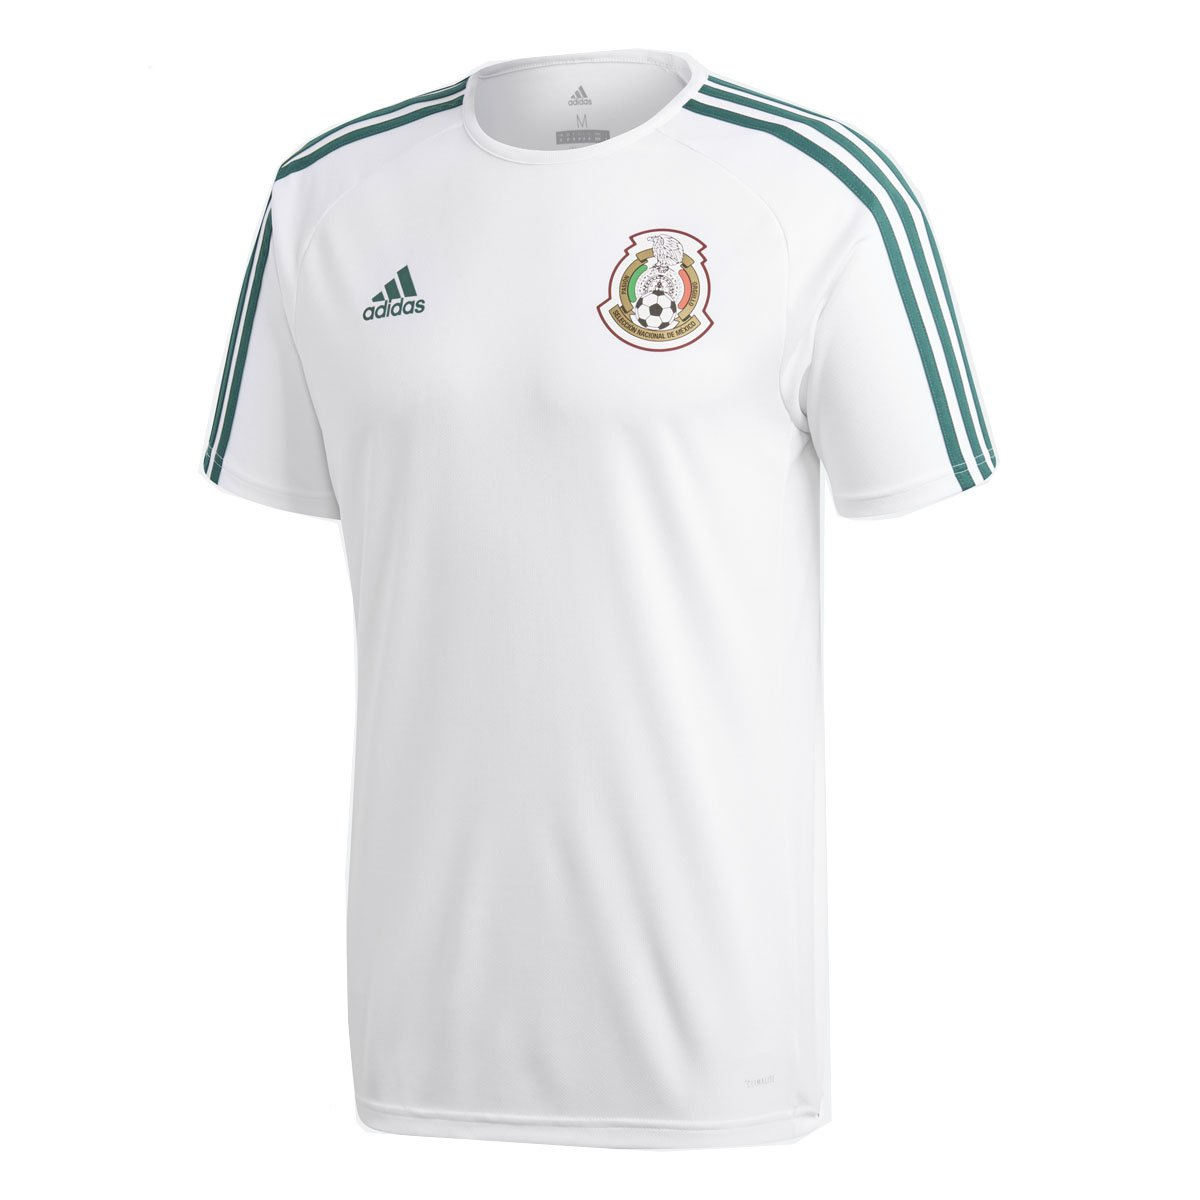 31541309a78ba PLAYERA FANSHIRT MÉXICO VISITANTE ADIDAS - CABALLERO